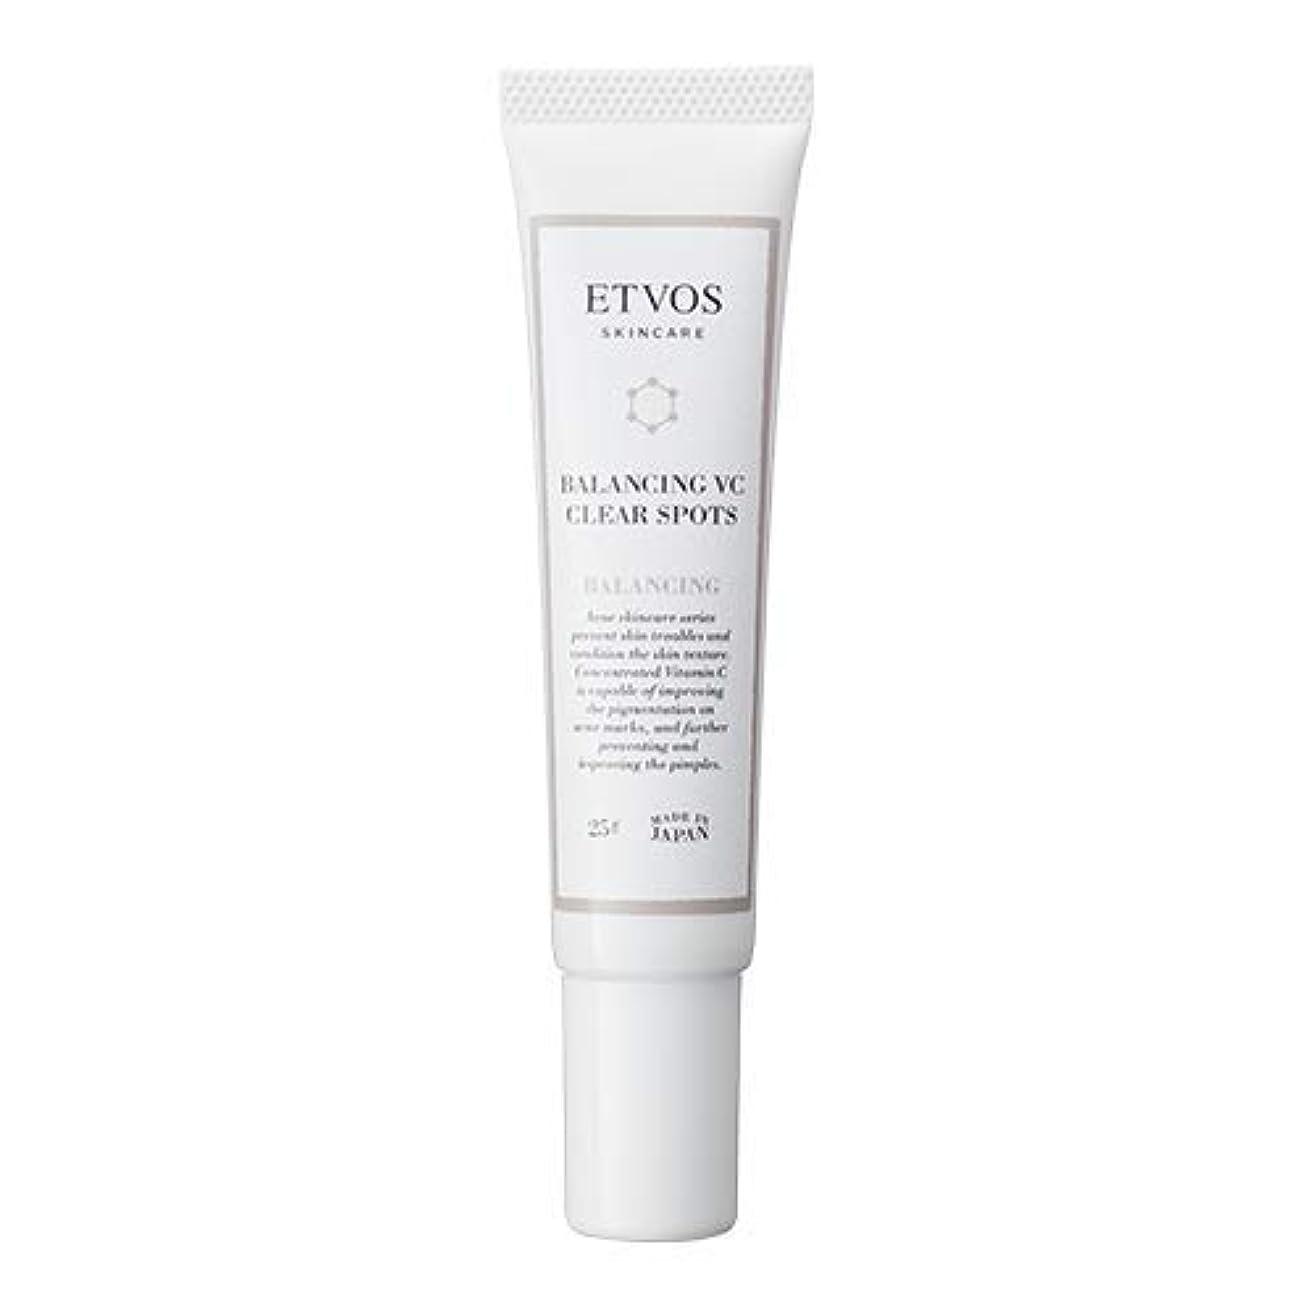 公然と警戒変形するETVOS(エトヴォス) 肌荒れ防止美容液 バランシングVCクリアスポッツ 25g アゼライン酸 おでこ/あご/頭皮